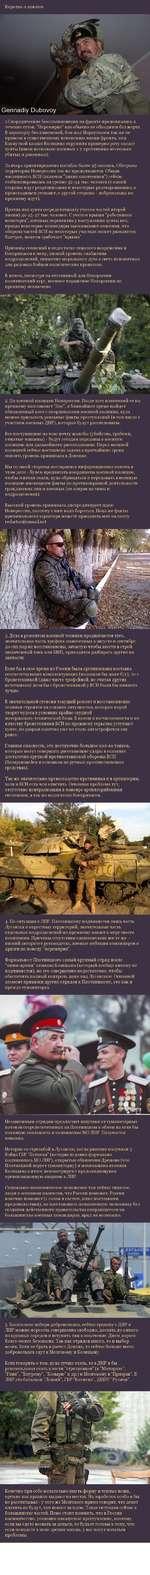 """Коротко о важном Gennadiy Dubovoy а вчера ориентировочно погибло более 25 человек. Обстрелы территории Новороссии так же продолжаются. Общая численность ВСН (включая """"диких ополченцев"""") сейчас стабилизировалась на уровне 32-34 тыс. человек (с одной стороны идут реорганизации и некоторые разочаров"""